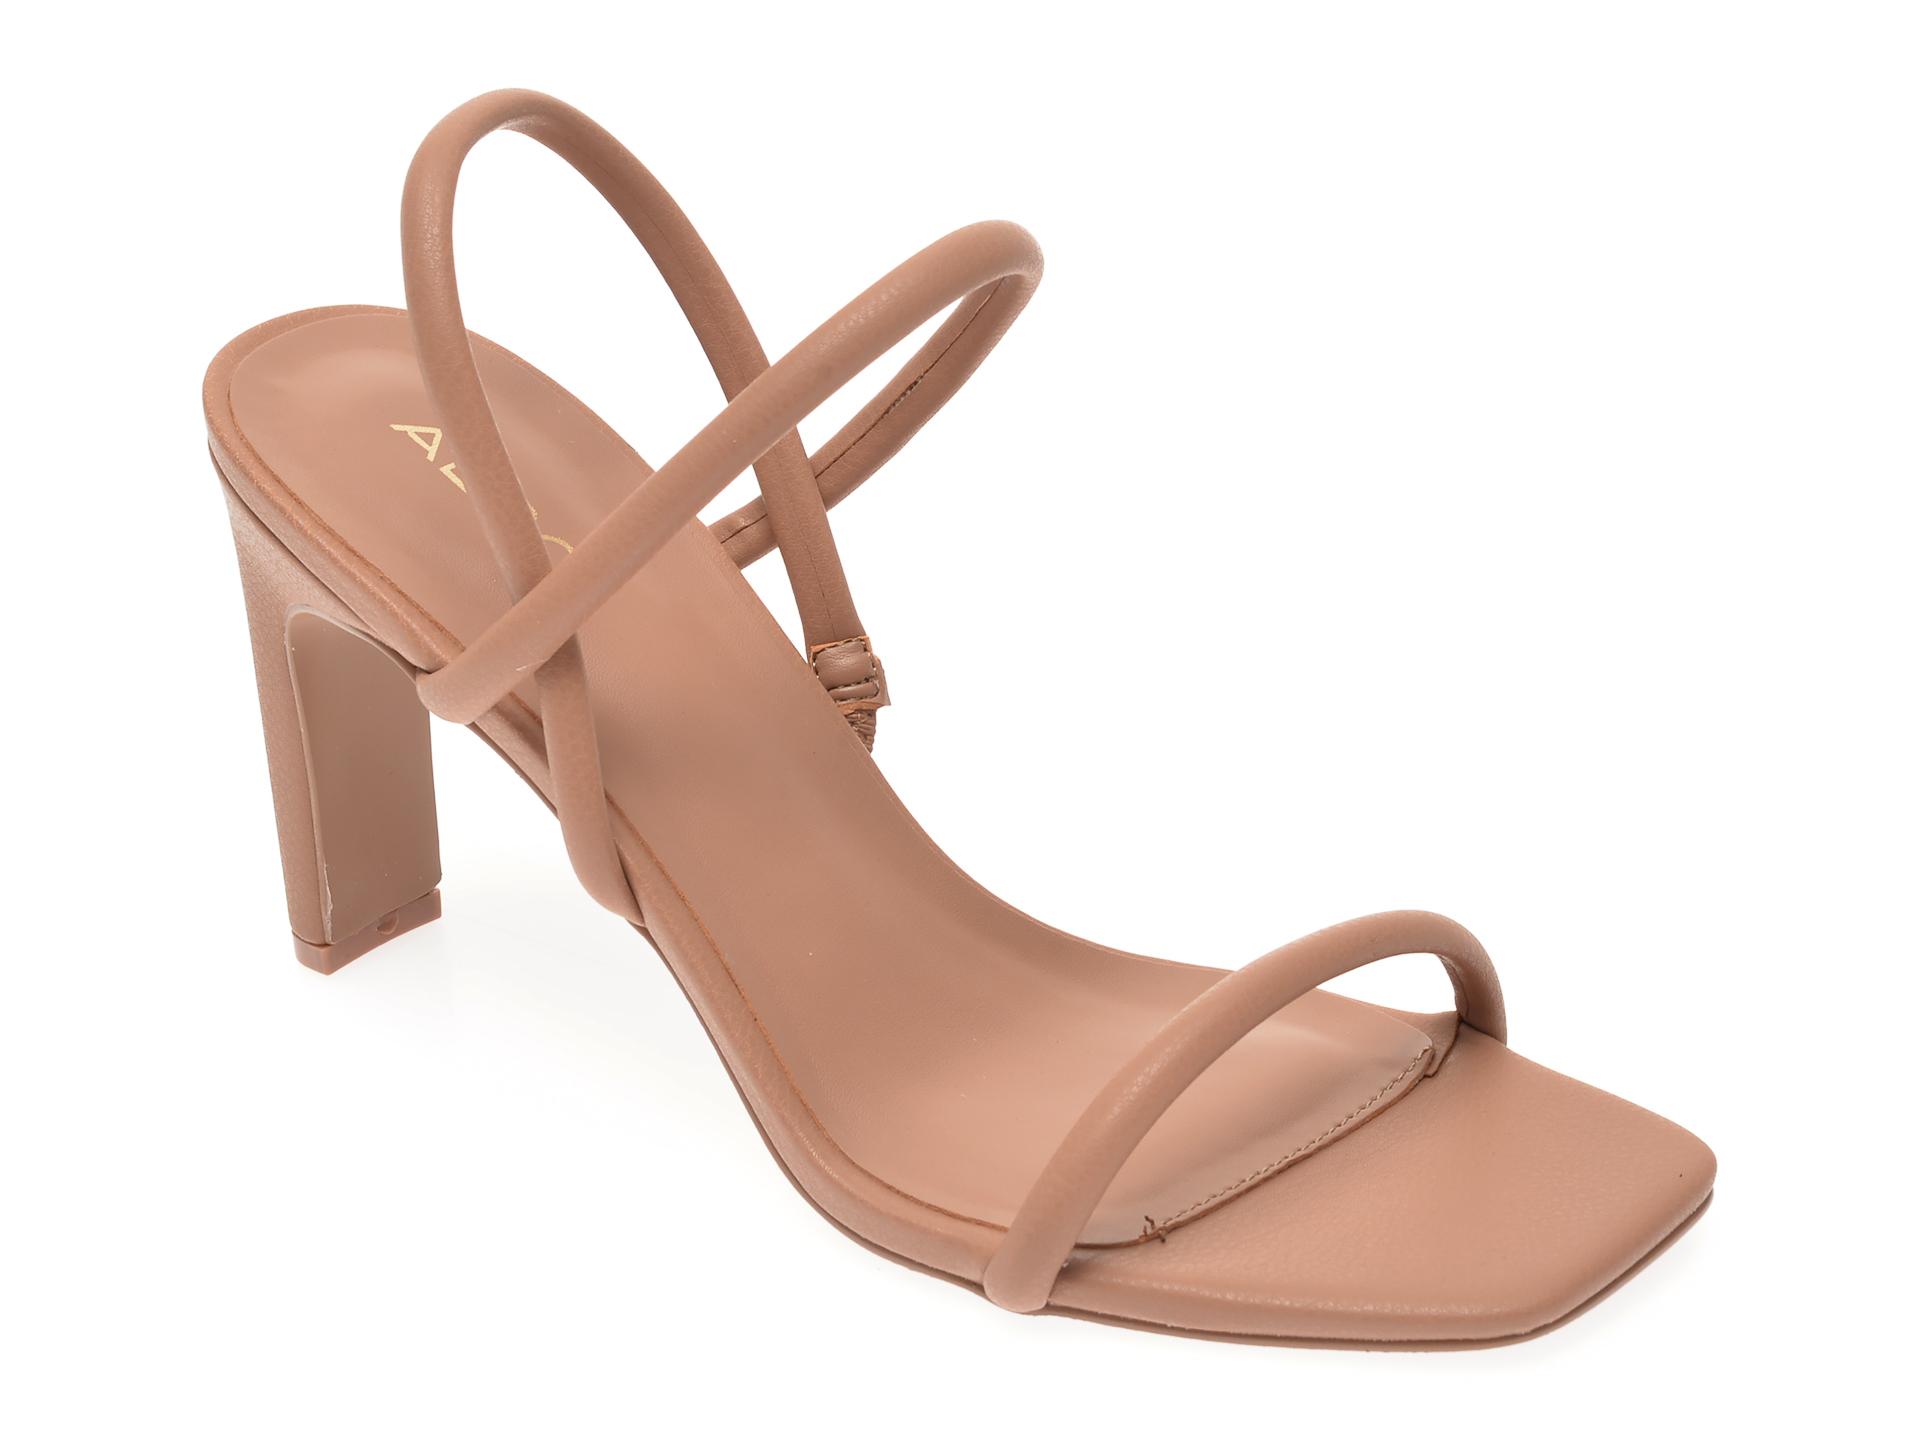 Sandale ALDO nude, Karla270, din piele ecologica imagine otter.ro 2021